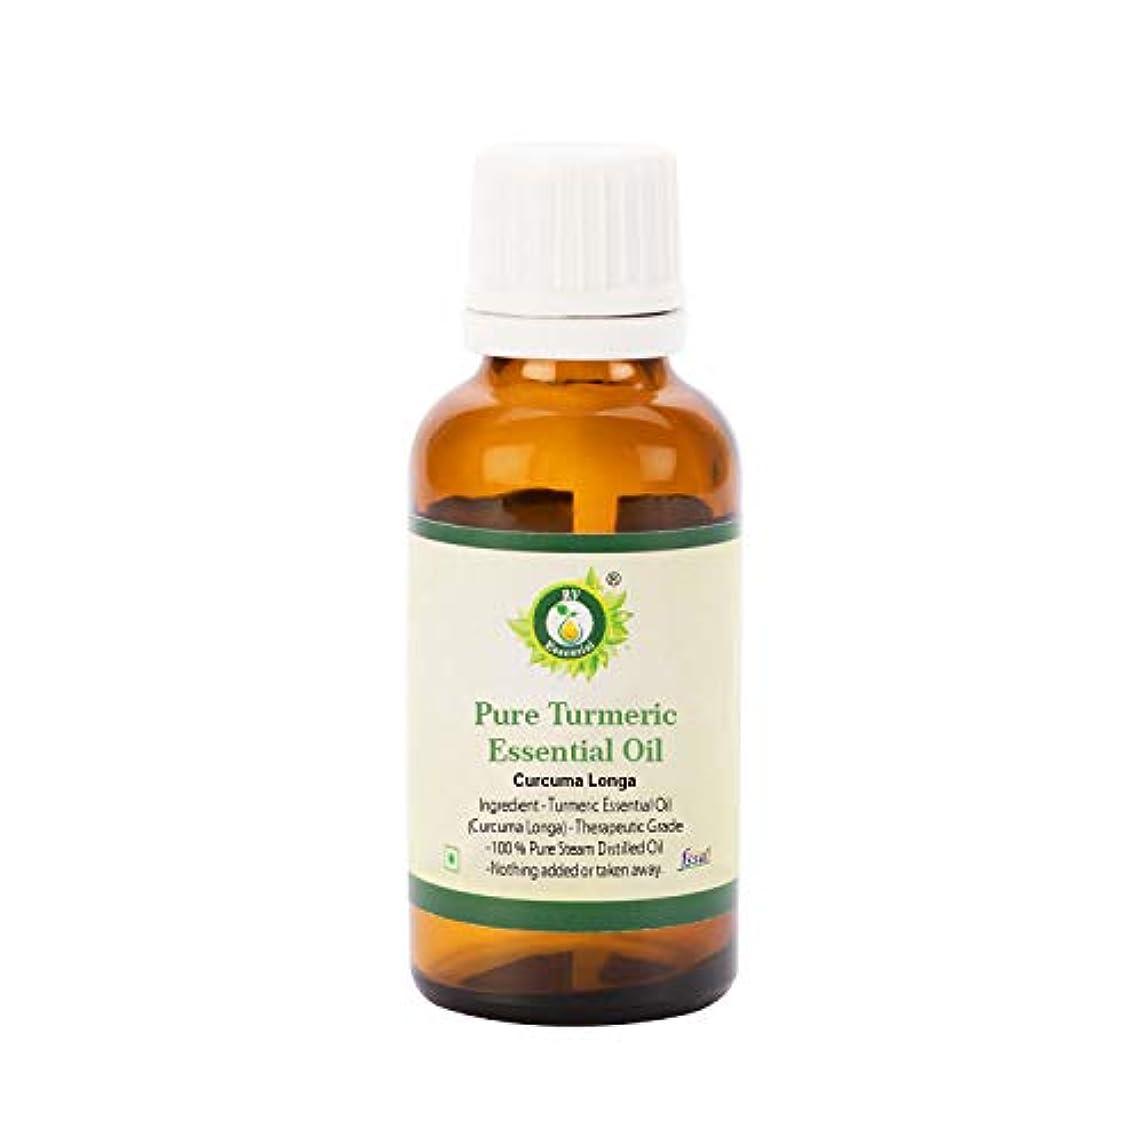 気候電話をかけるレンディションR V Essential 純粋なウコン精油30ml (1.01oz)- Curcuma Longa (100%純粋&天然スチームDistilled) Pure Turmeric Essential Oil